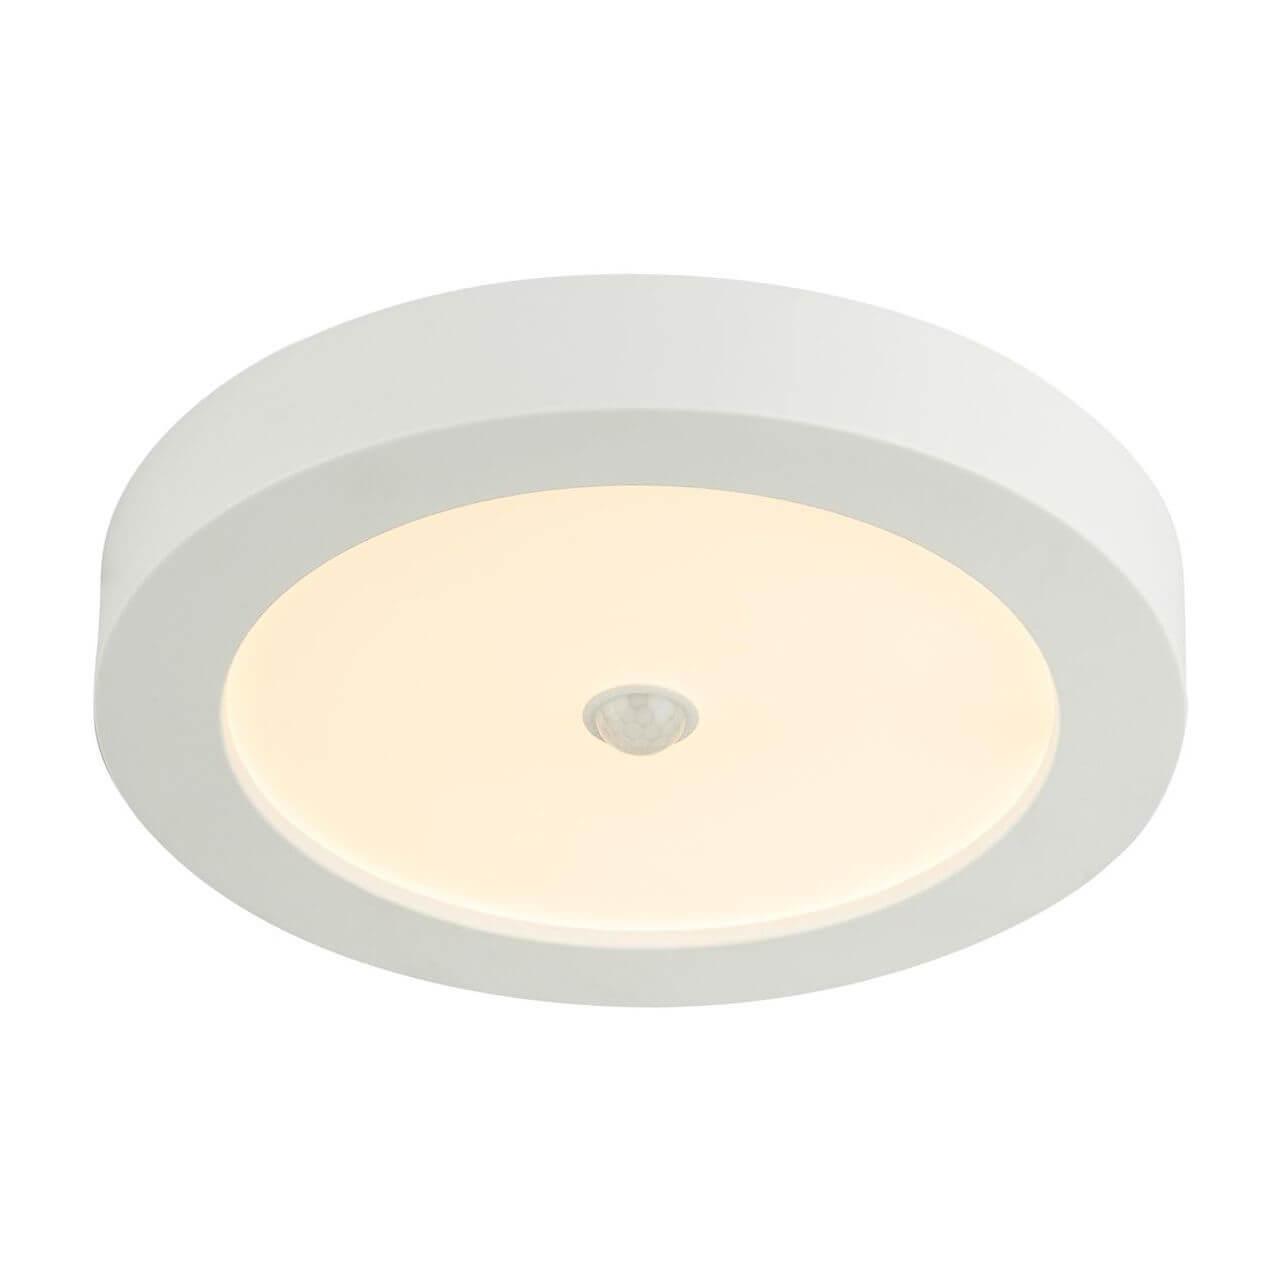 цены Потолочный светодиодный светильник Globo Paula 41605-18S